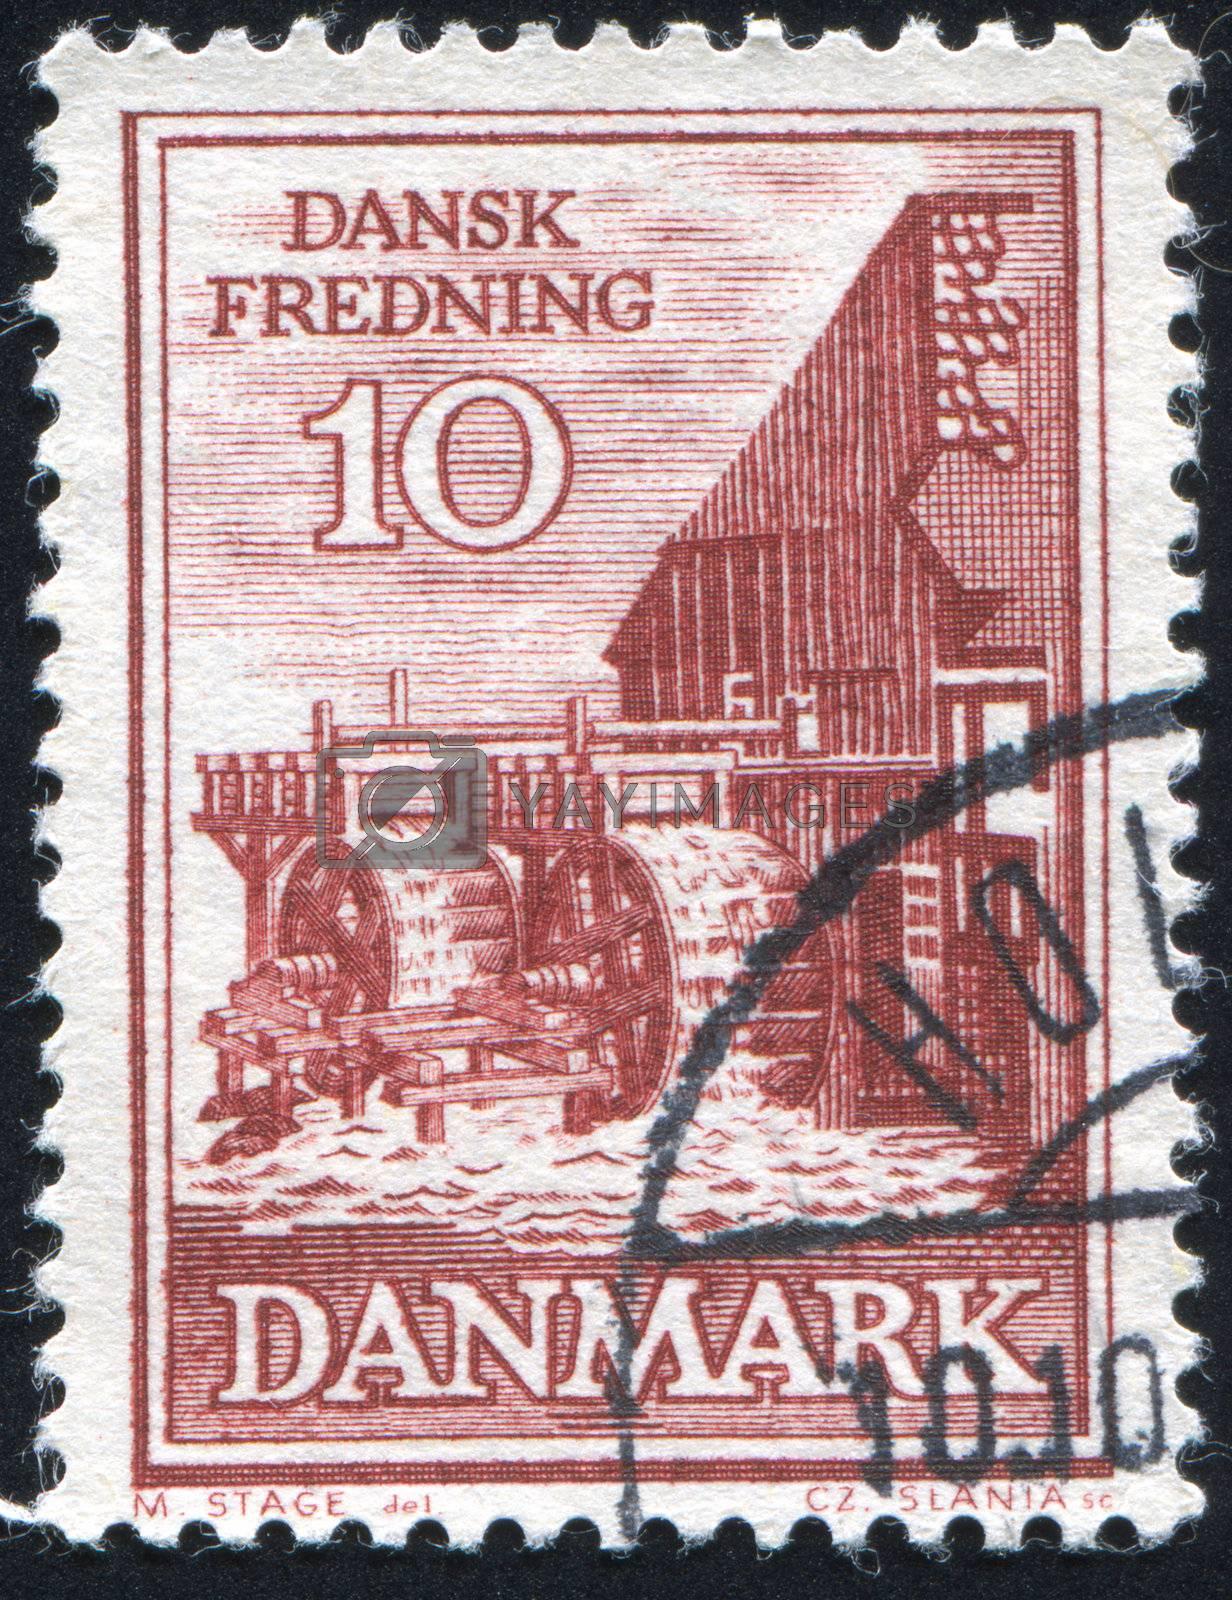 DENMARK - CIRCA 1981: stamp printed by Denmark, shows European Urban, circa 1981